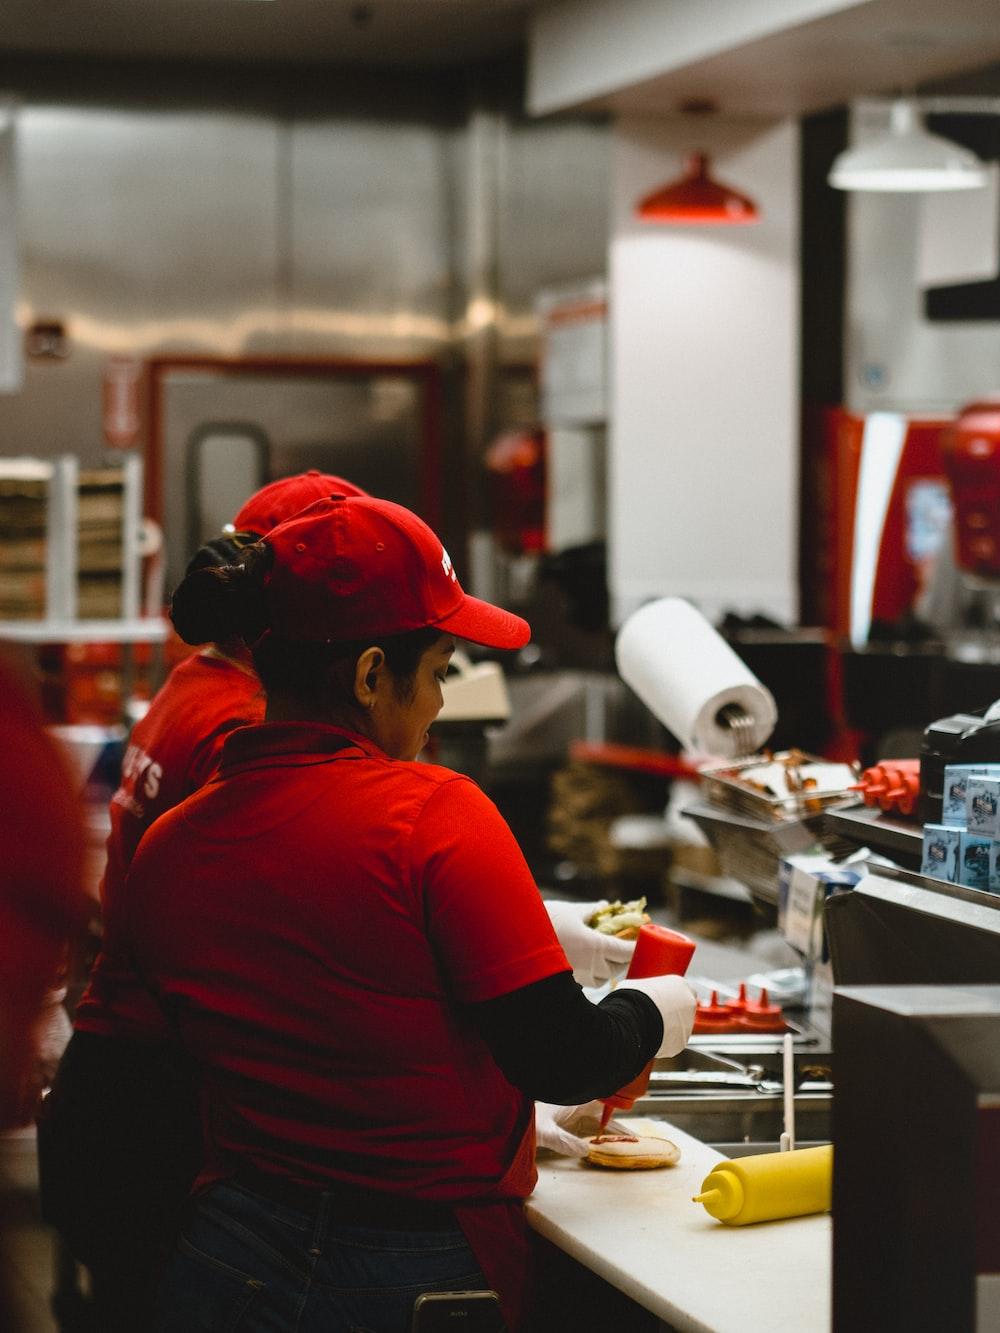 woman in red cap and shirt preparing food